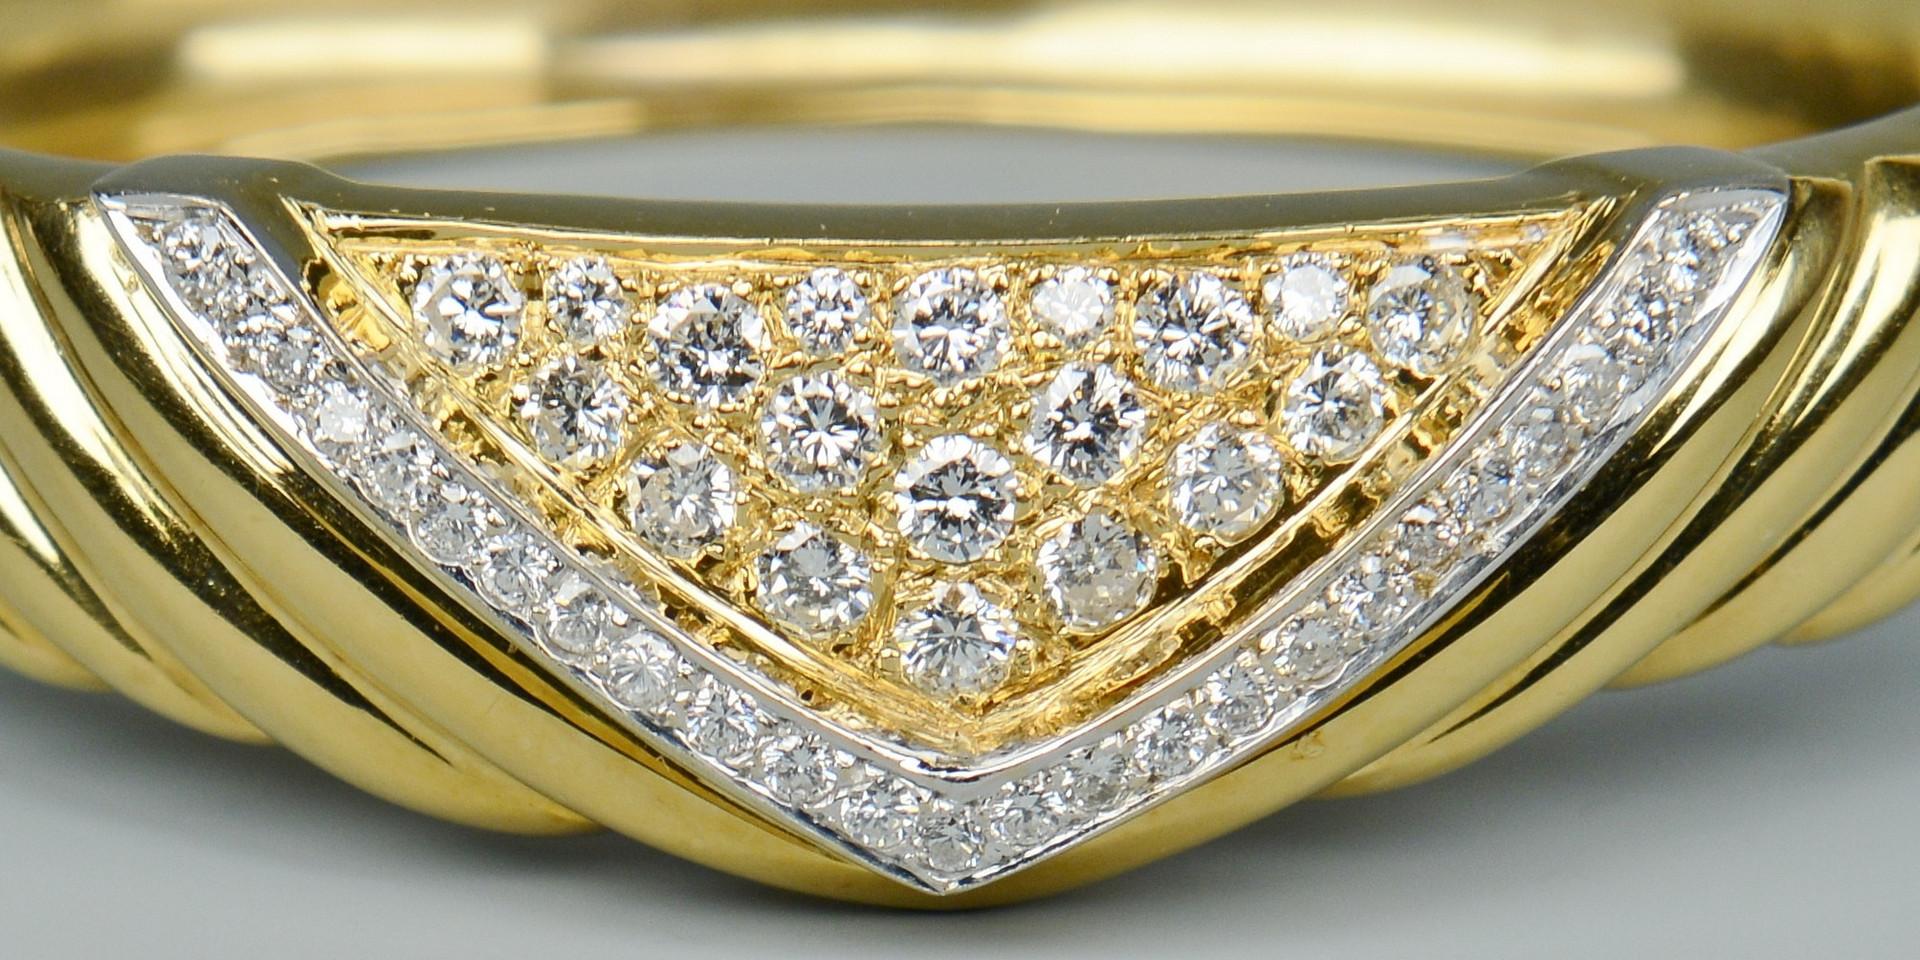 Lot 102: 18k Diamond Bangle Bracelet